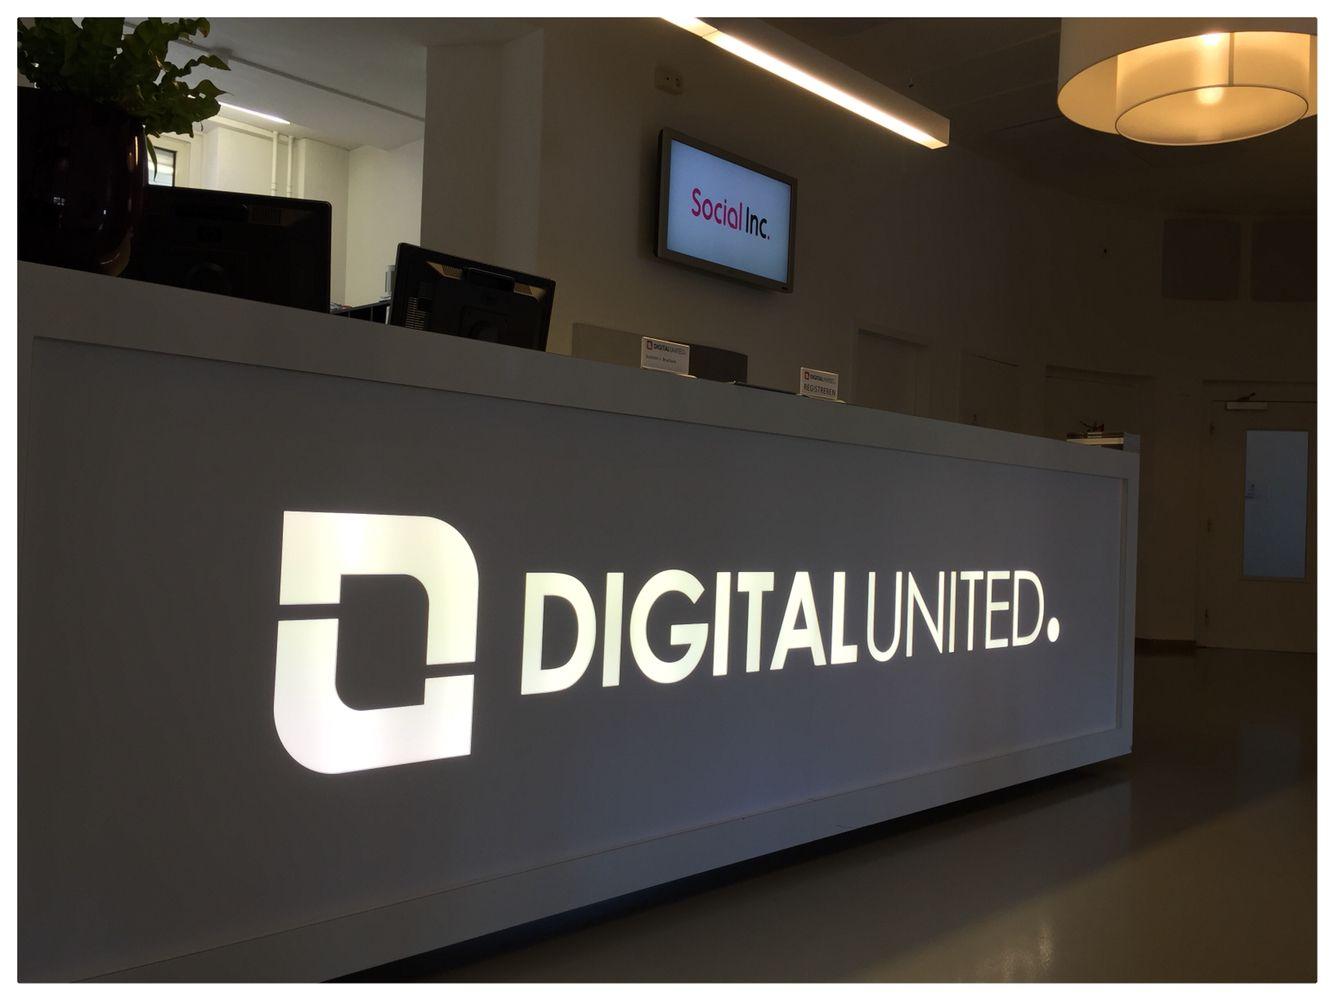 Balie Digital United blockout folie verlicht vanuit achterzijde